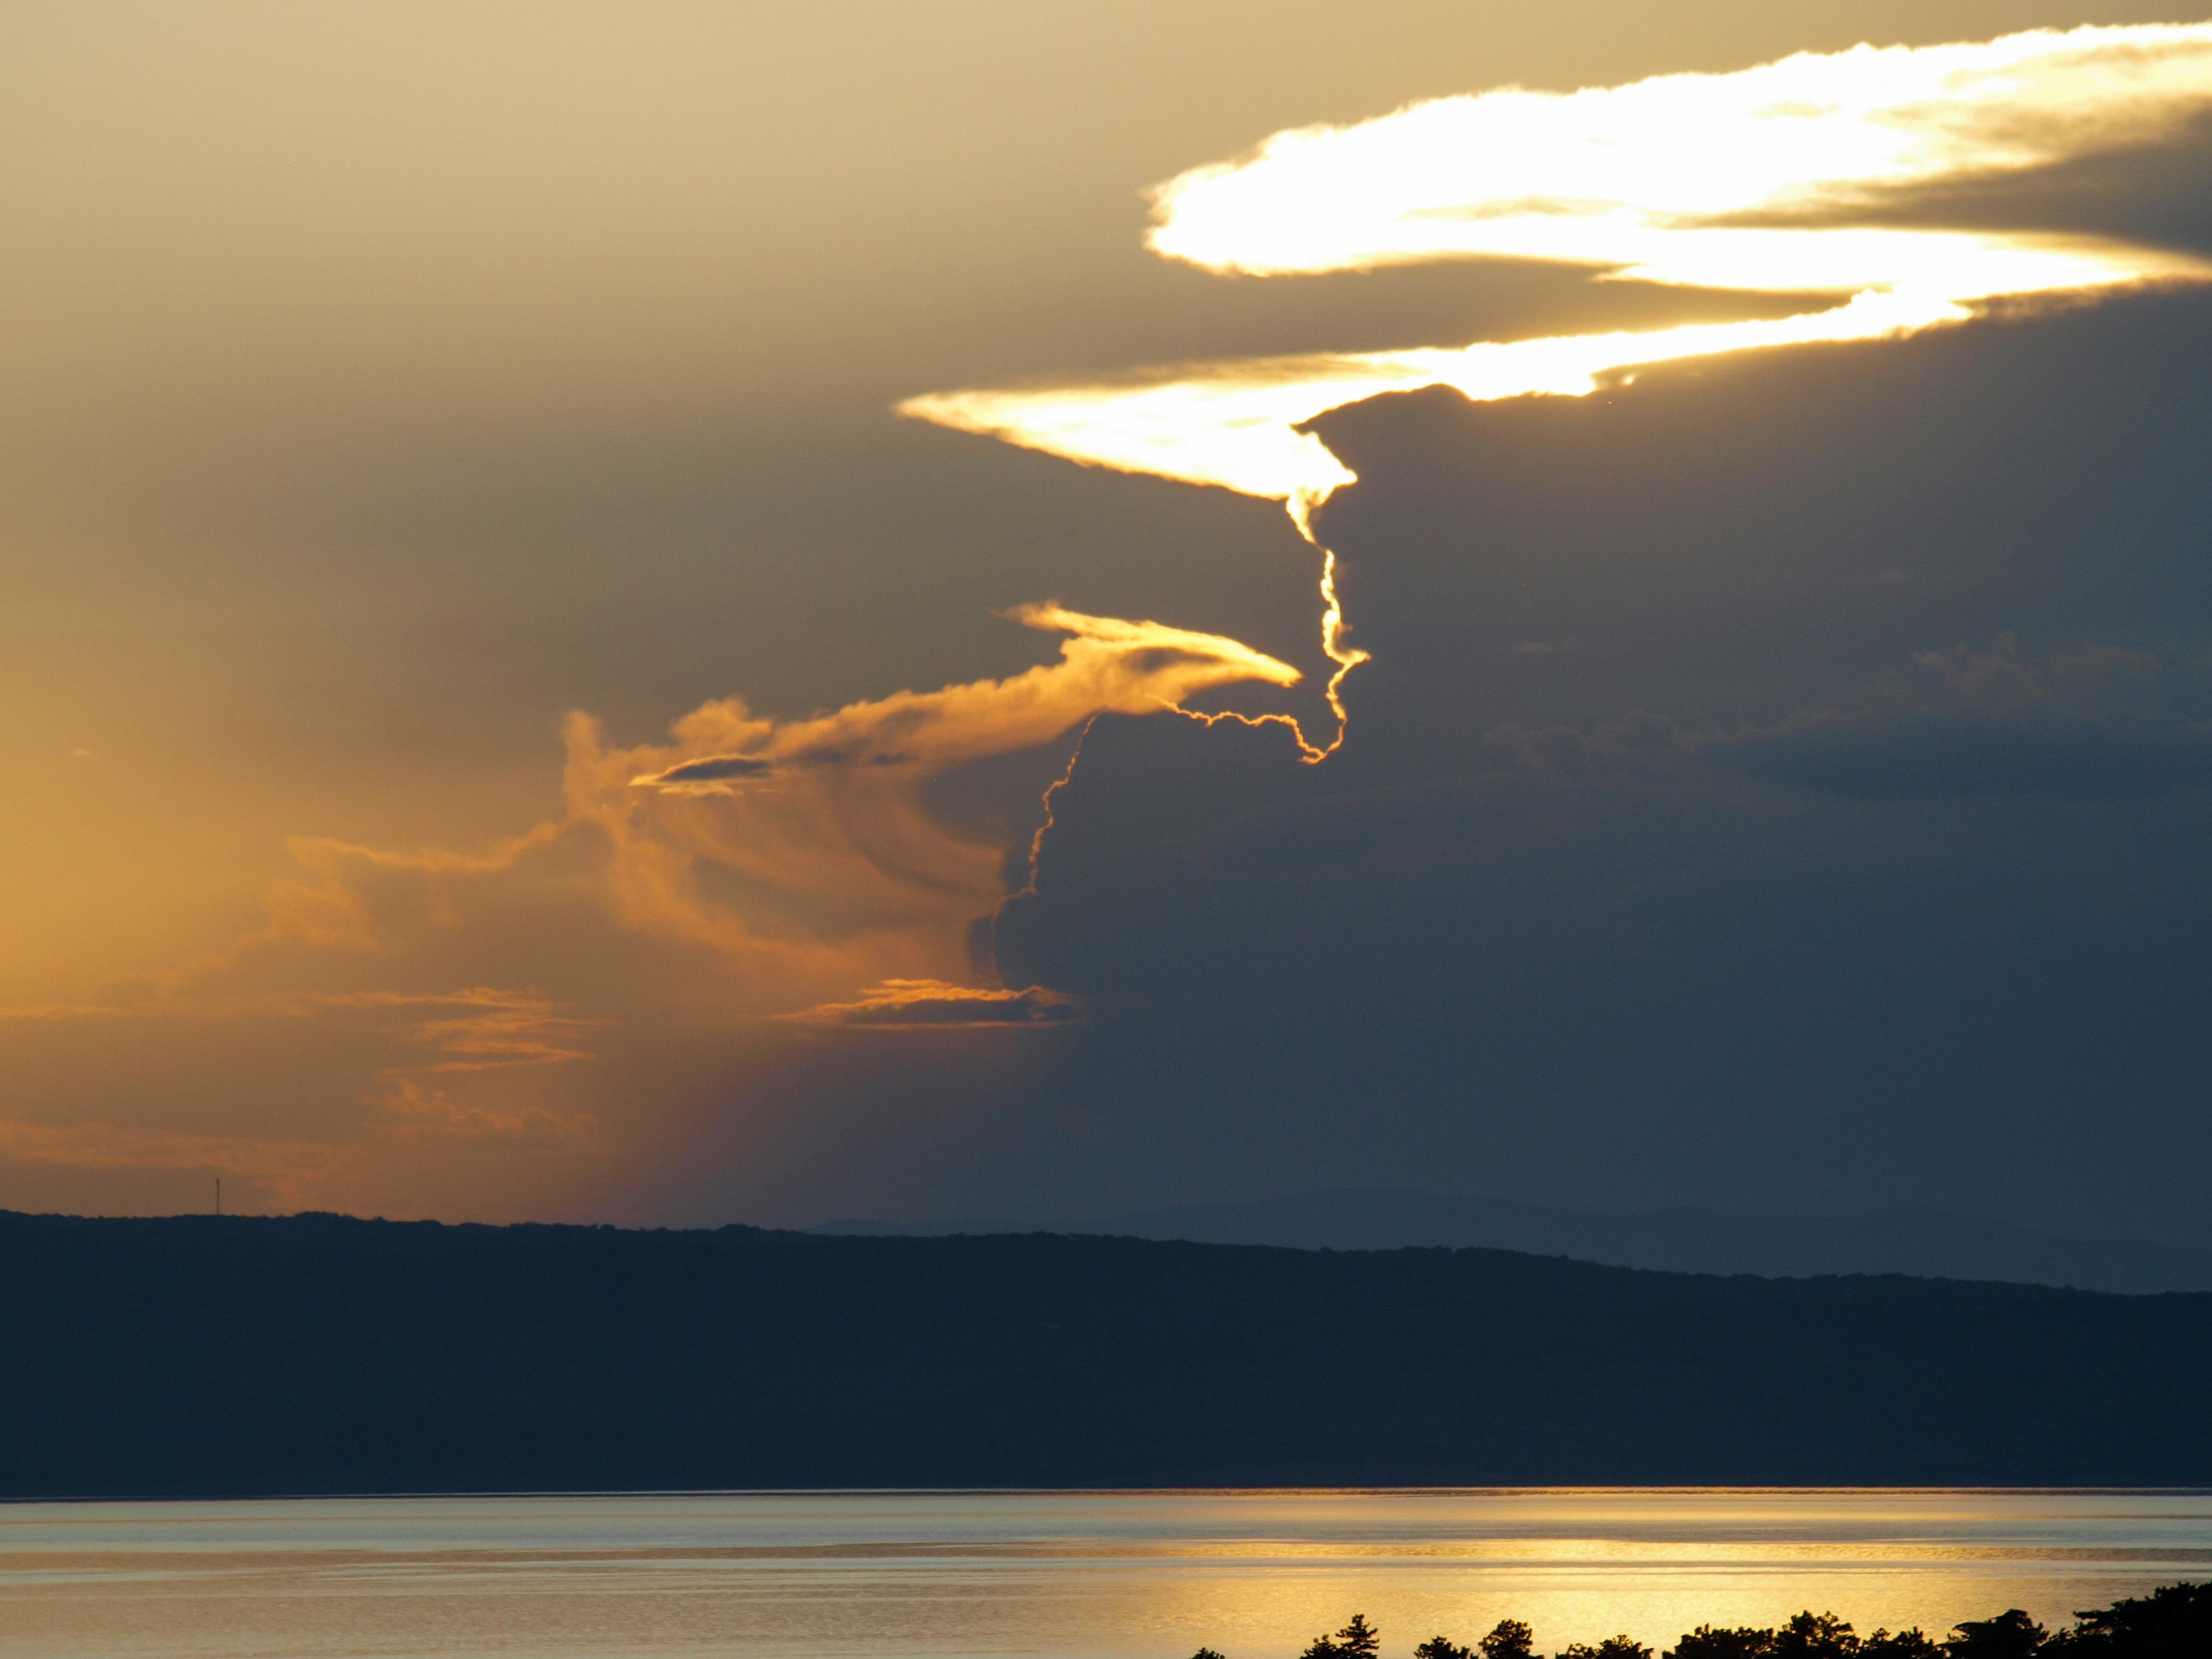 Evening sky sky croatia